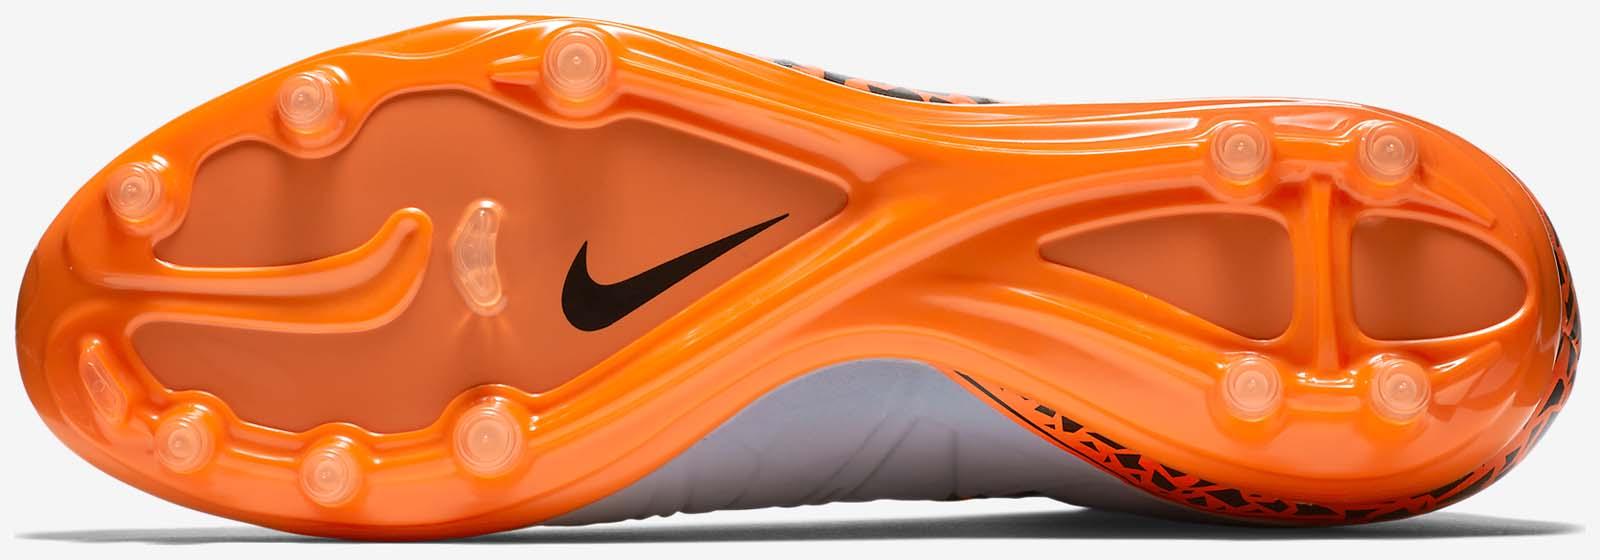 917a12550 Nike Hypervenom Phantom 2 vs Nike Hypervenom Phatal 2 Dynamic Fit ...